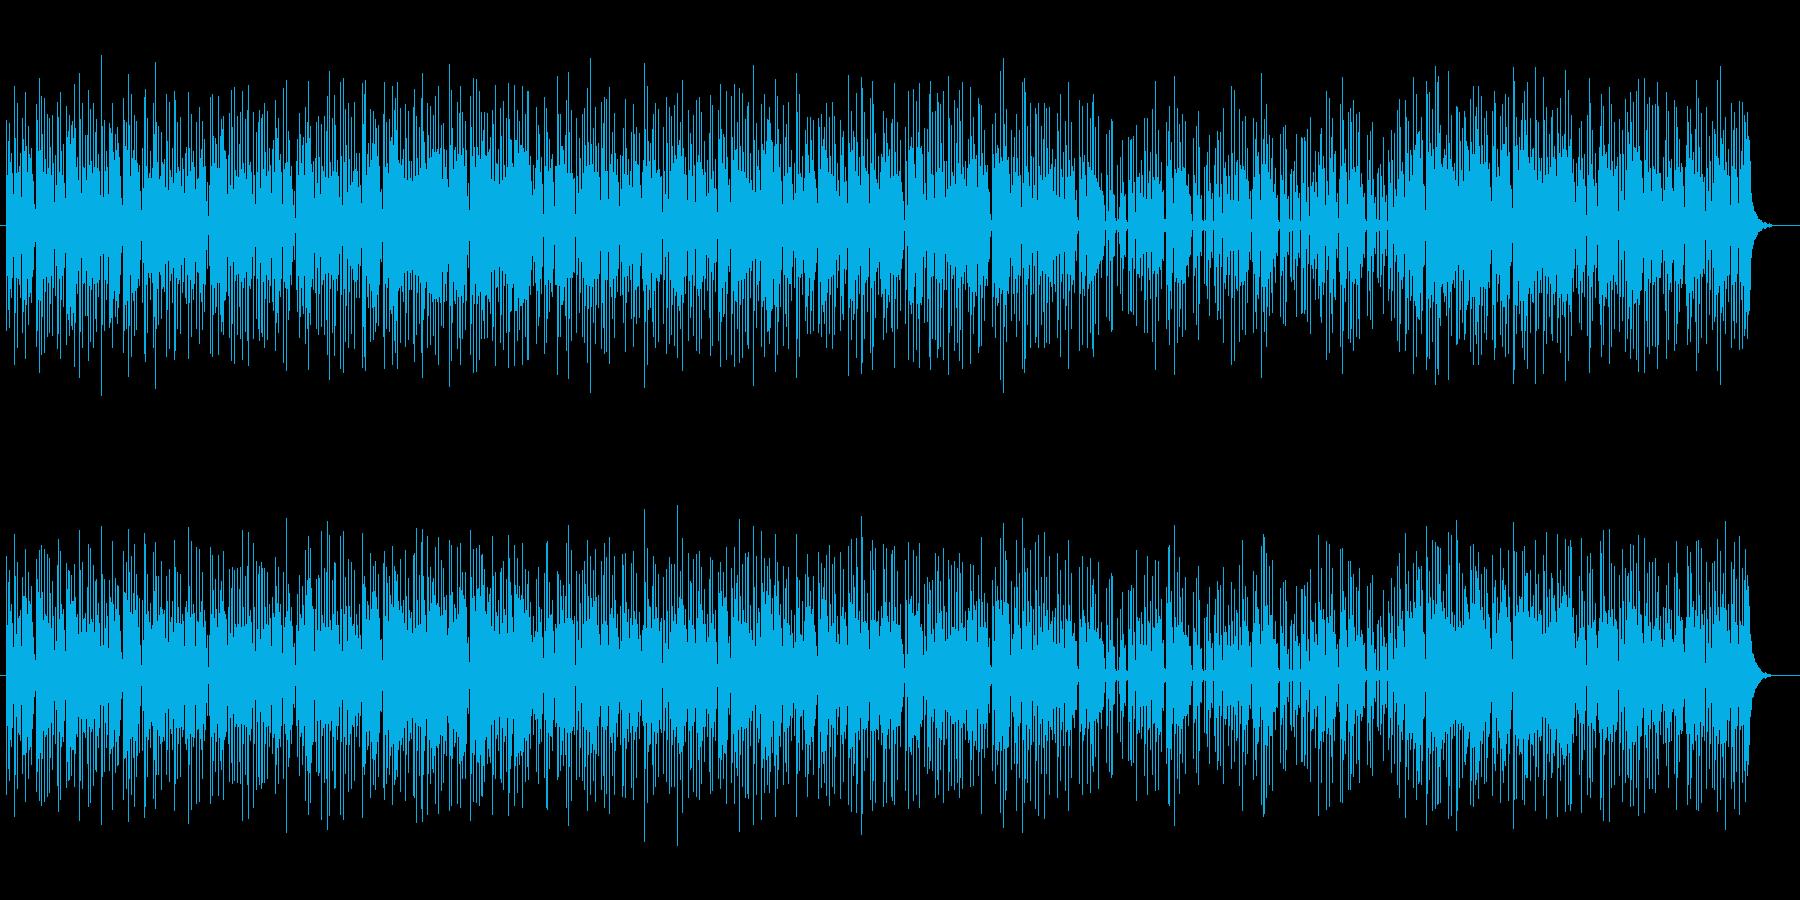 不規則なテンポの魅惑的なミュージックの再生済みの波形